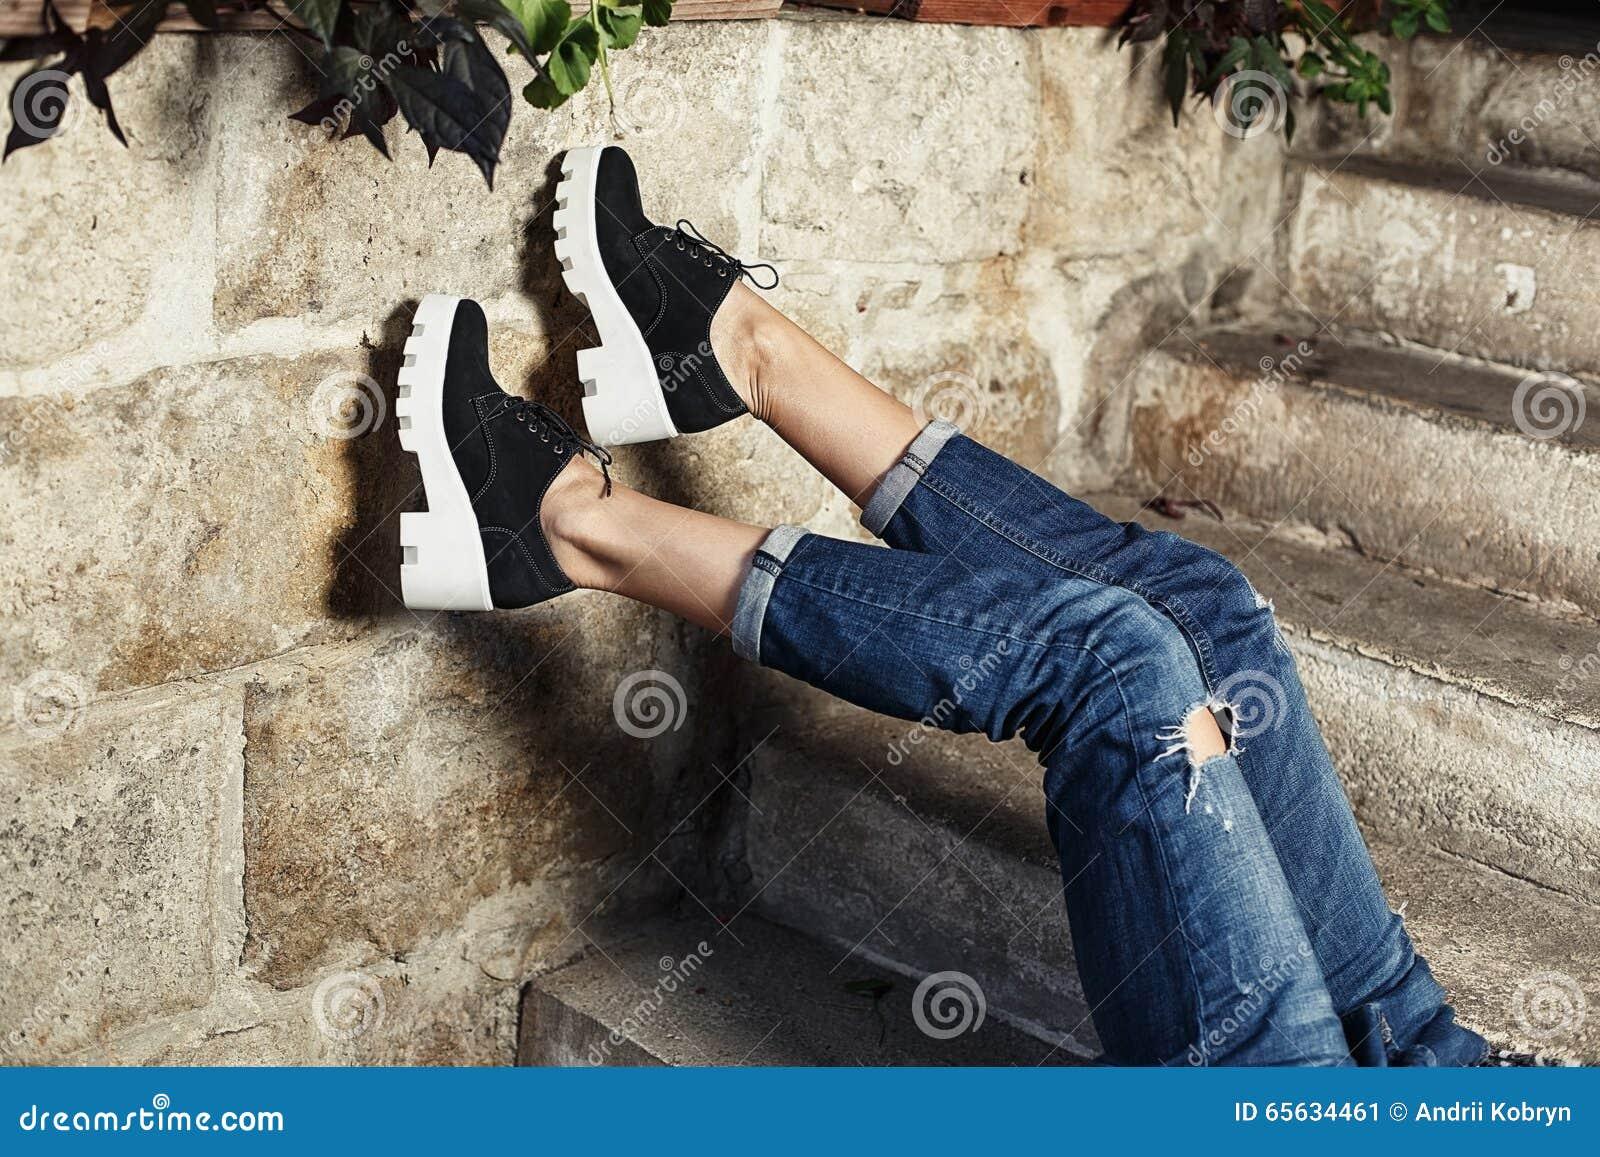 Coordonnée d une jeune fille dans des jeans posant dans un contexte urbain